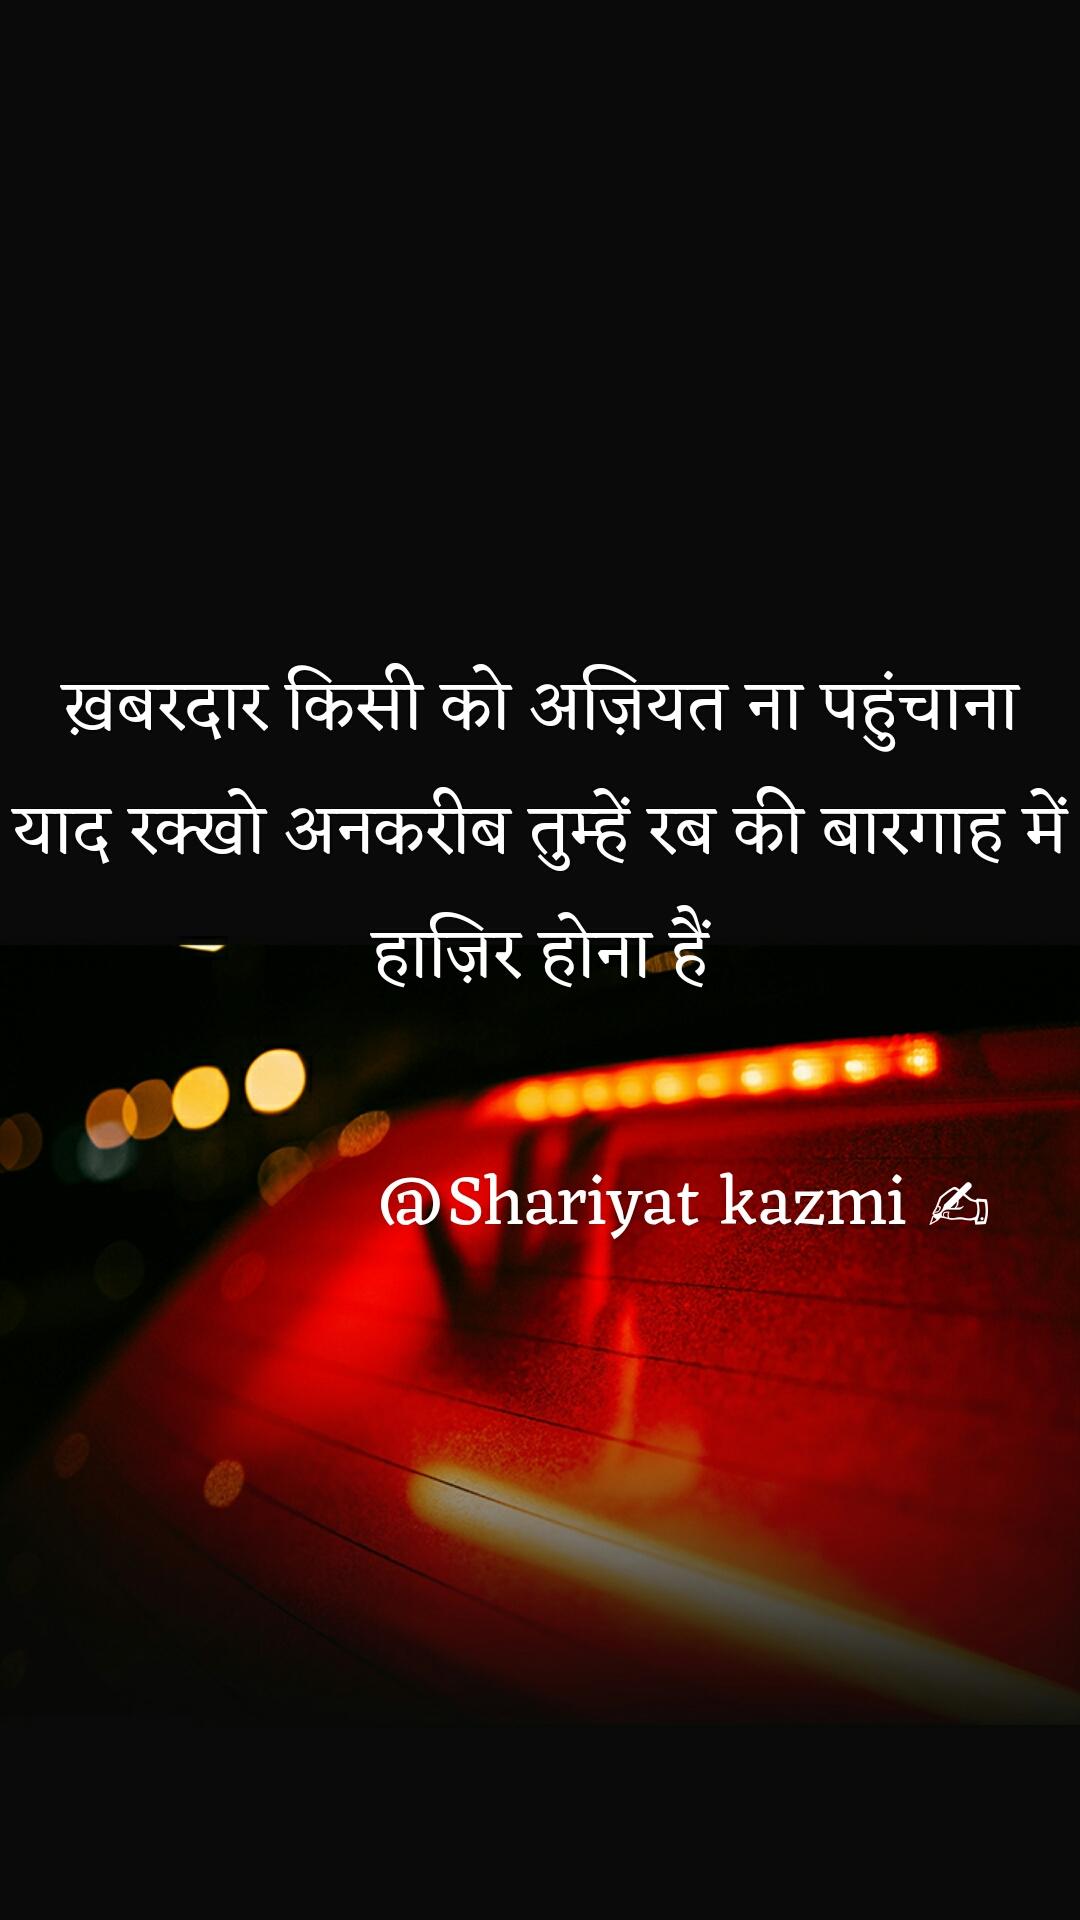 ख़बरदार किसी को अज़ियत ना पहुंचाना याद रक्खो अनकरीब तुम्हें रब की बारगाह में हाज़िर होना हैं                 @Shariyat kazmi ✍